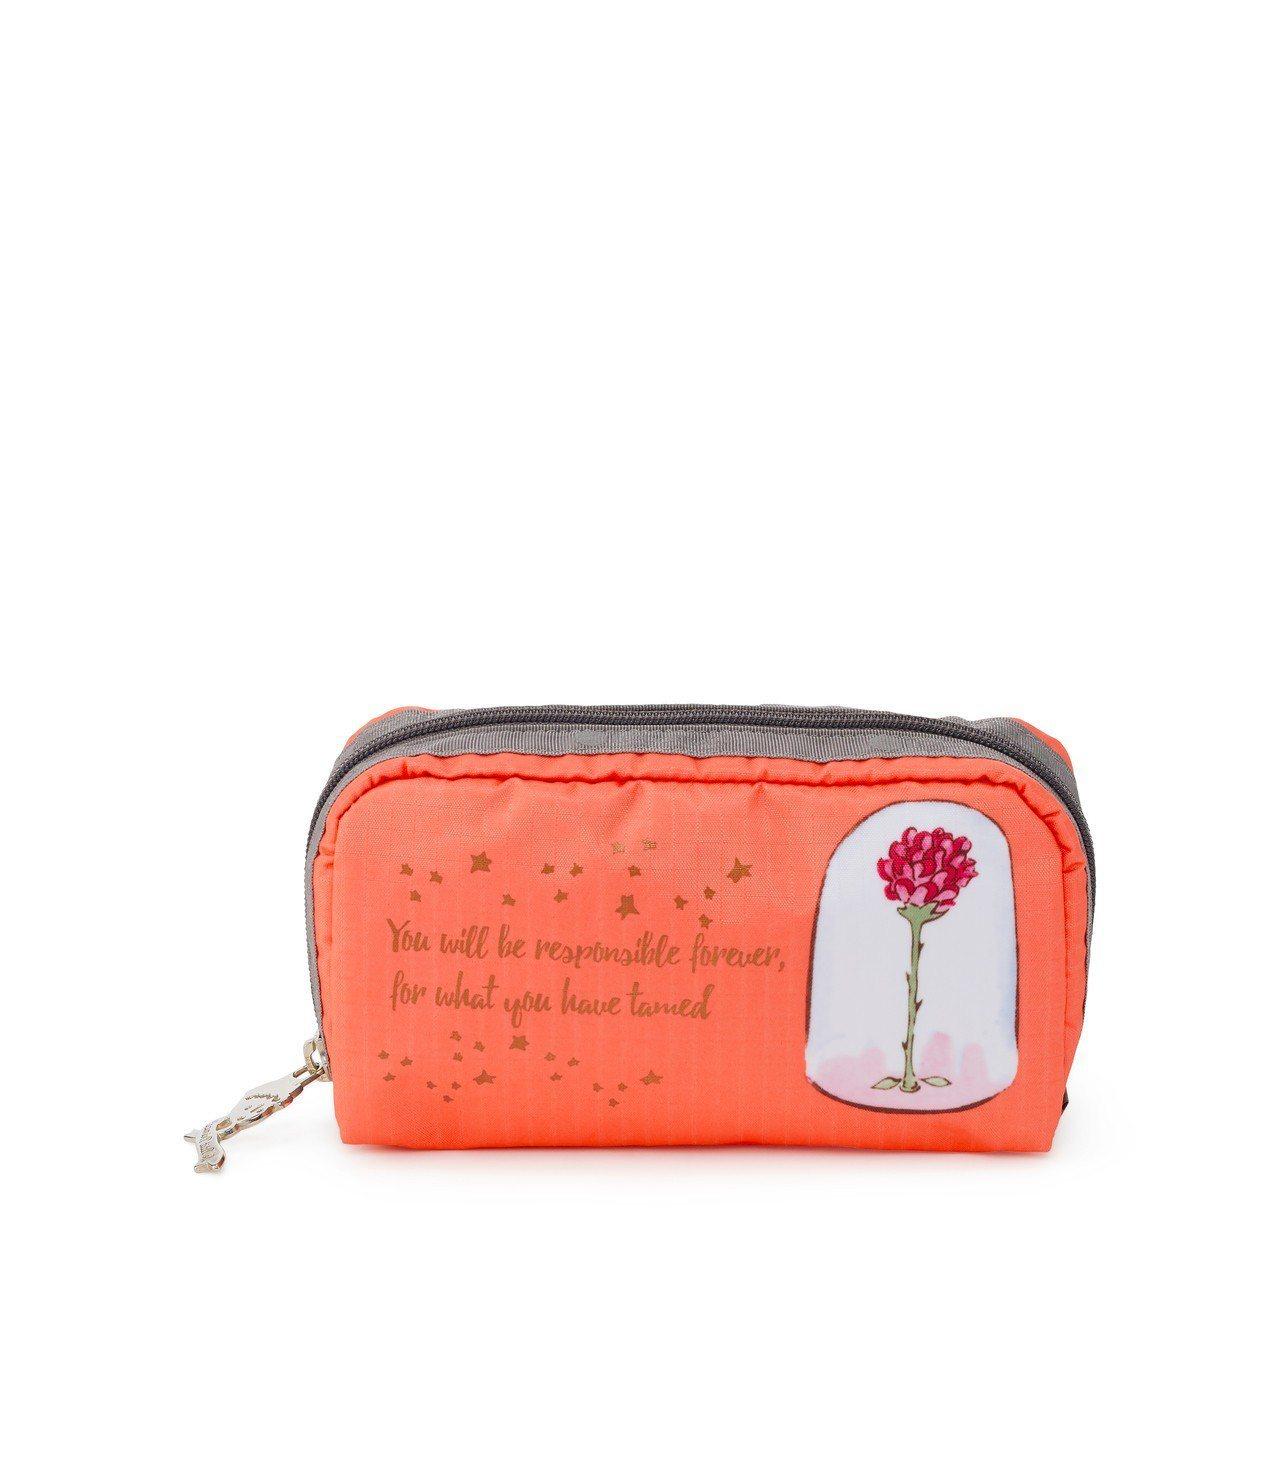 玫瑰長形化妝包,2,000元。圖/LeSportsac提供